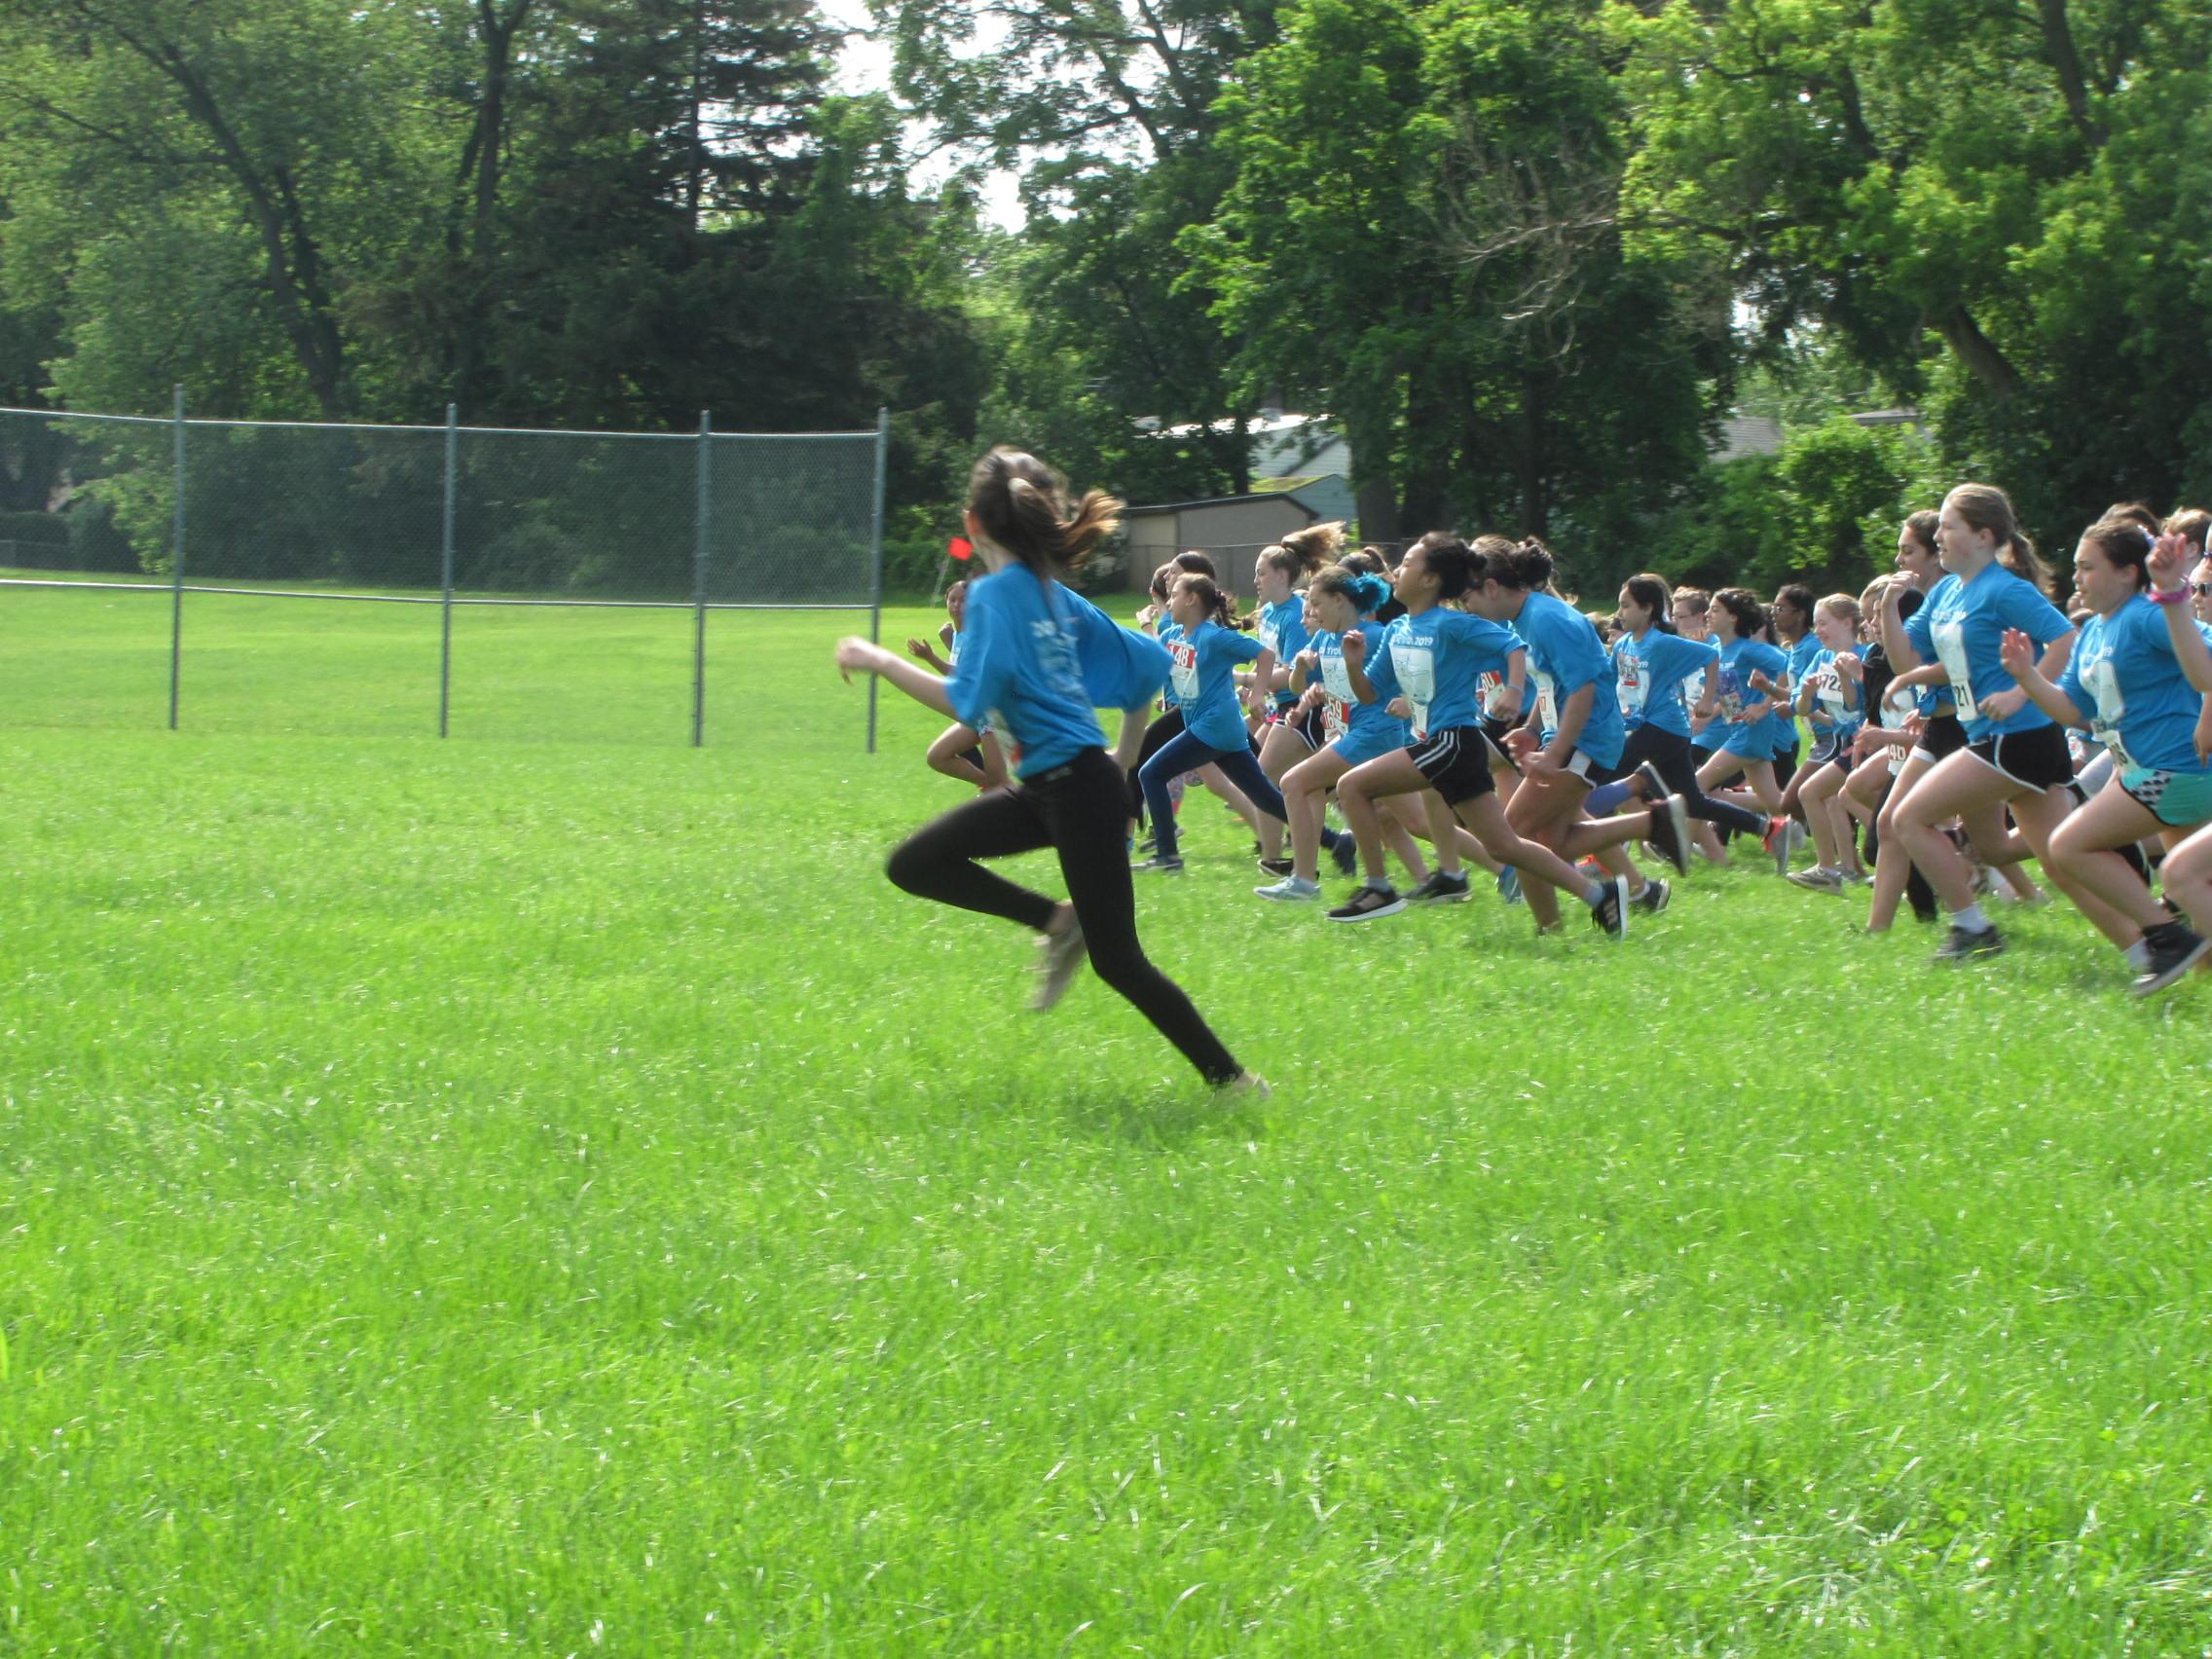 Fun Run start of race